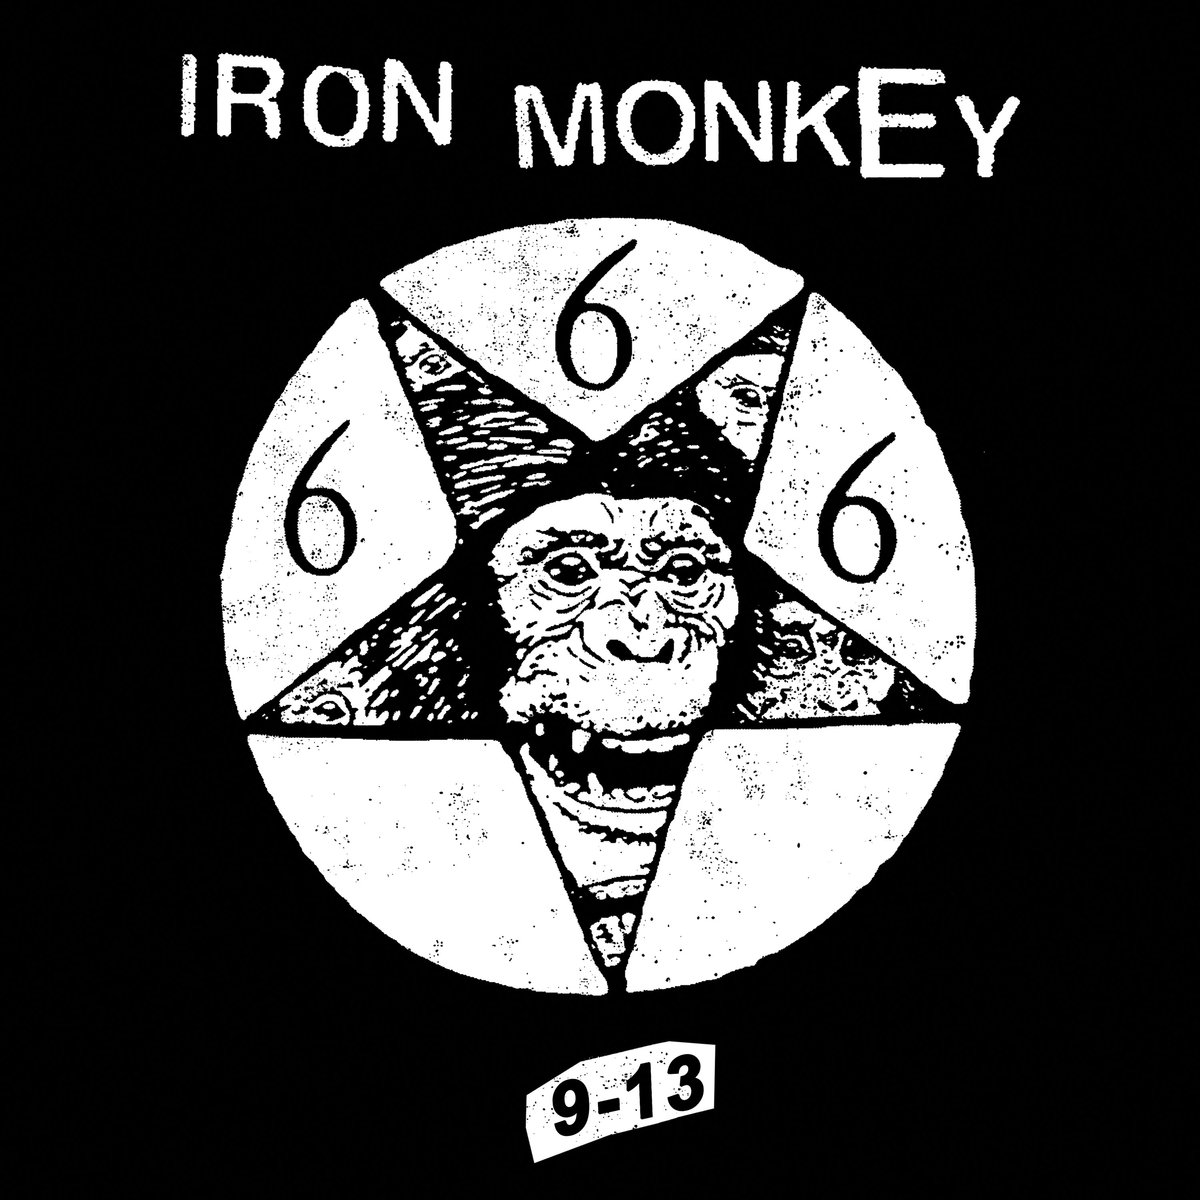 9-13_Album Cover